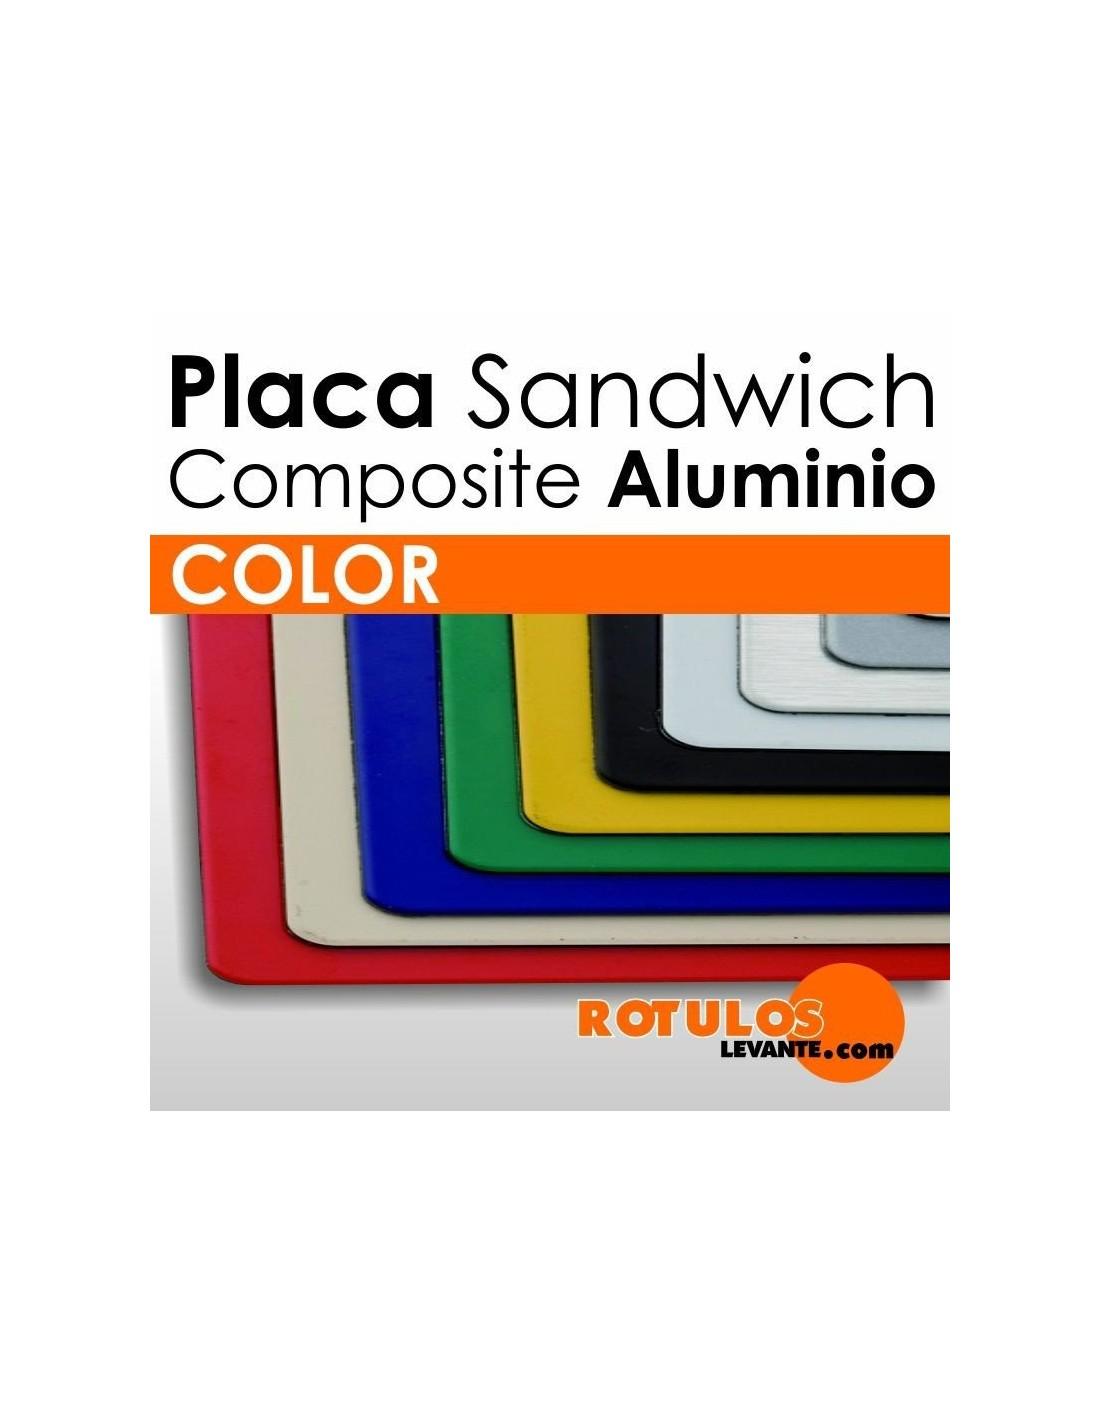 Sandwich aluminio composite color online - Placas de sandwich ...